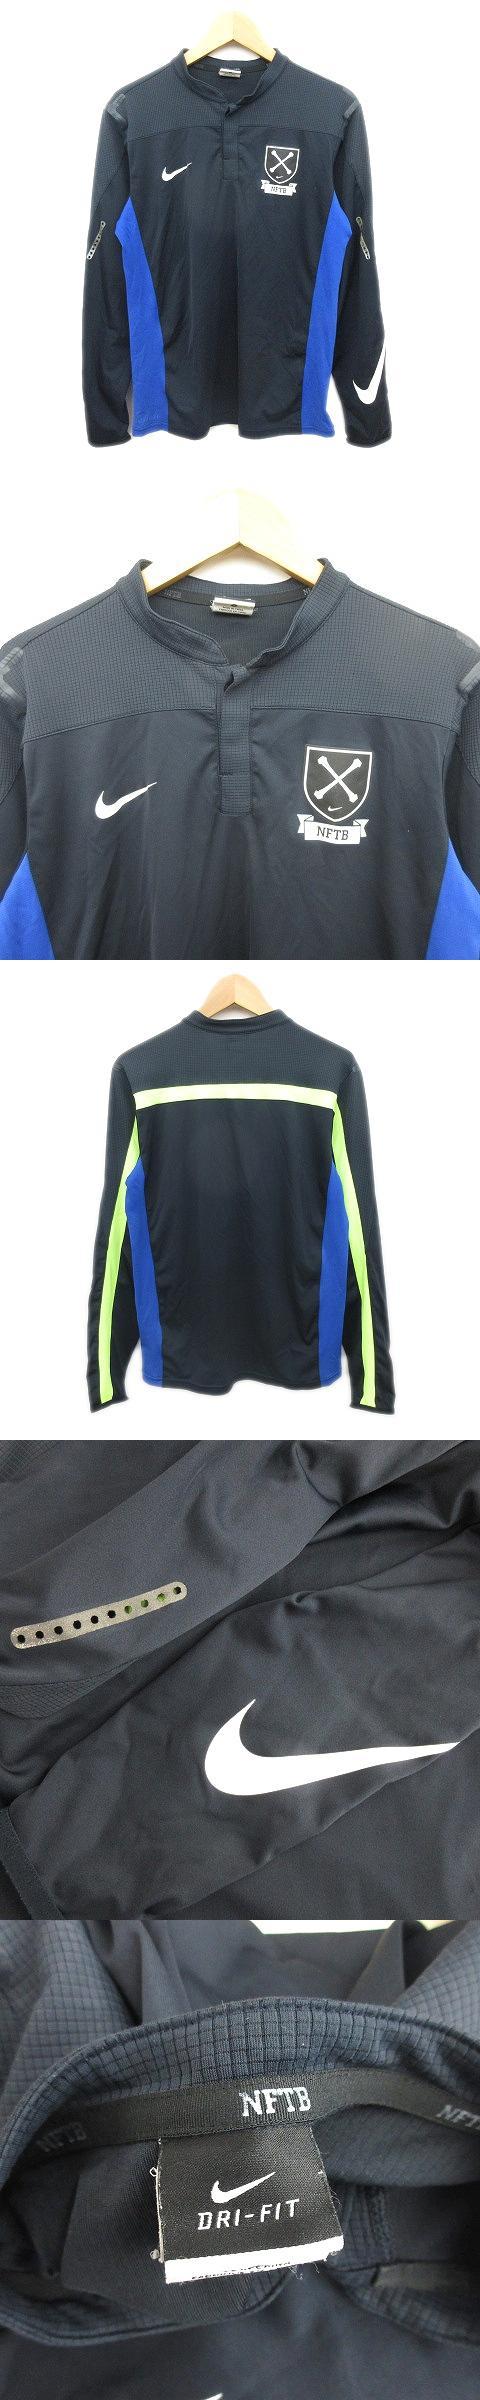 NFTB ジャージ プルオーバー ジャケット ブルゾン ロゴ スポーツウエア S 紺 青 メンズ/d69